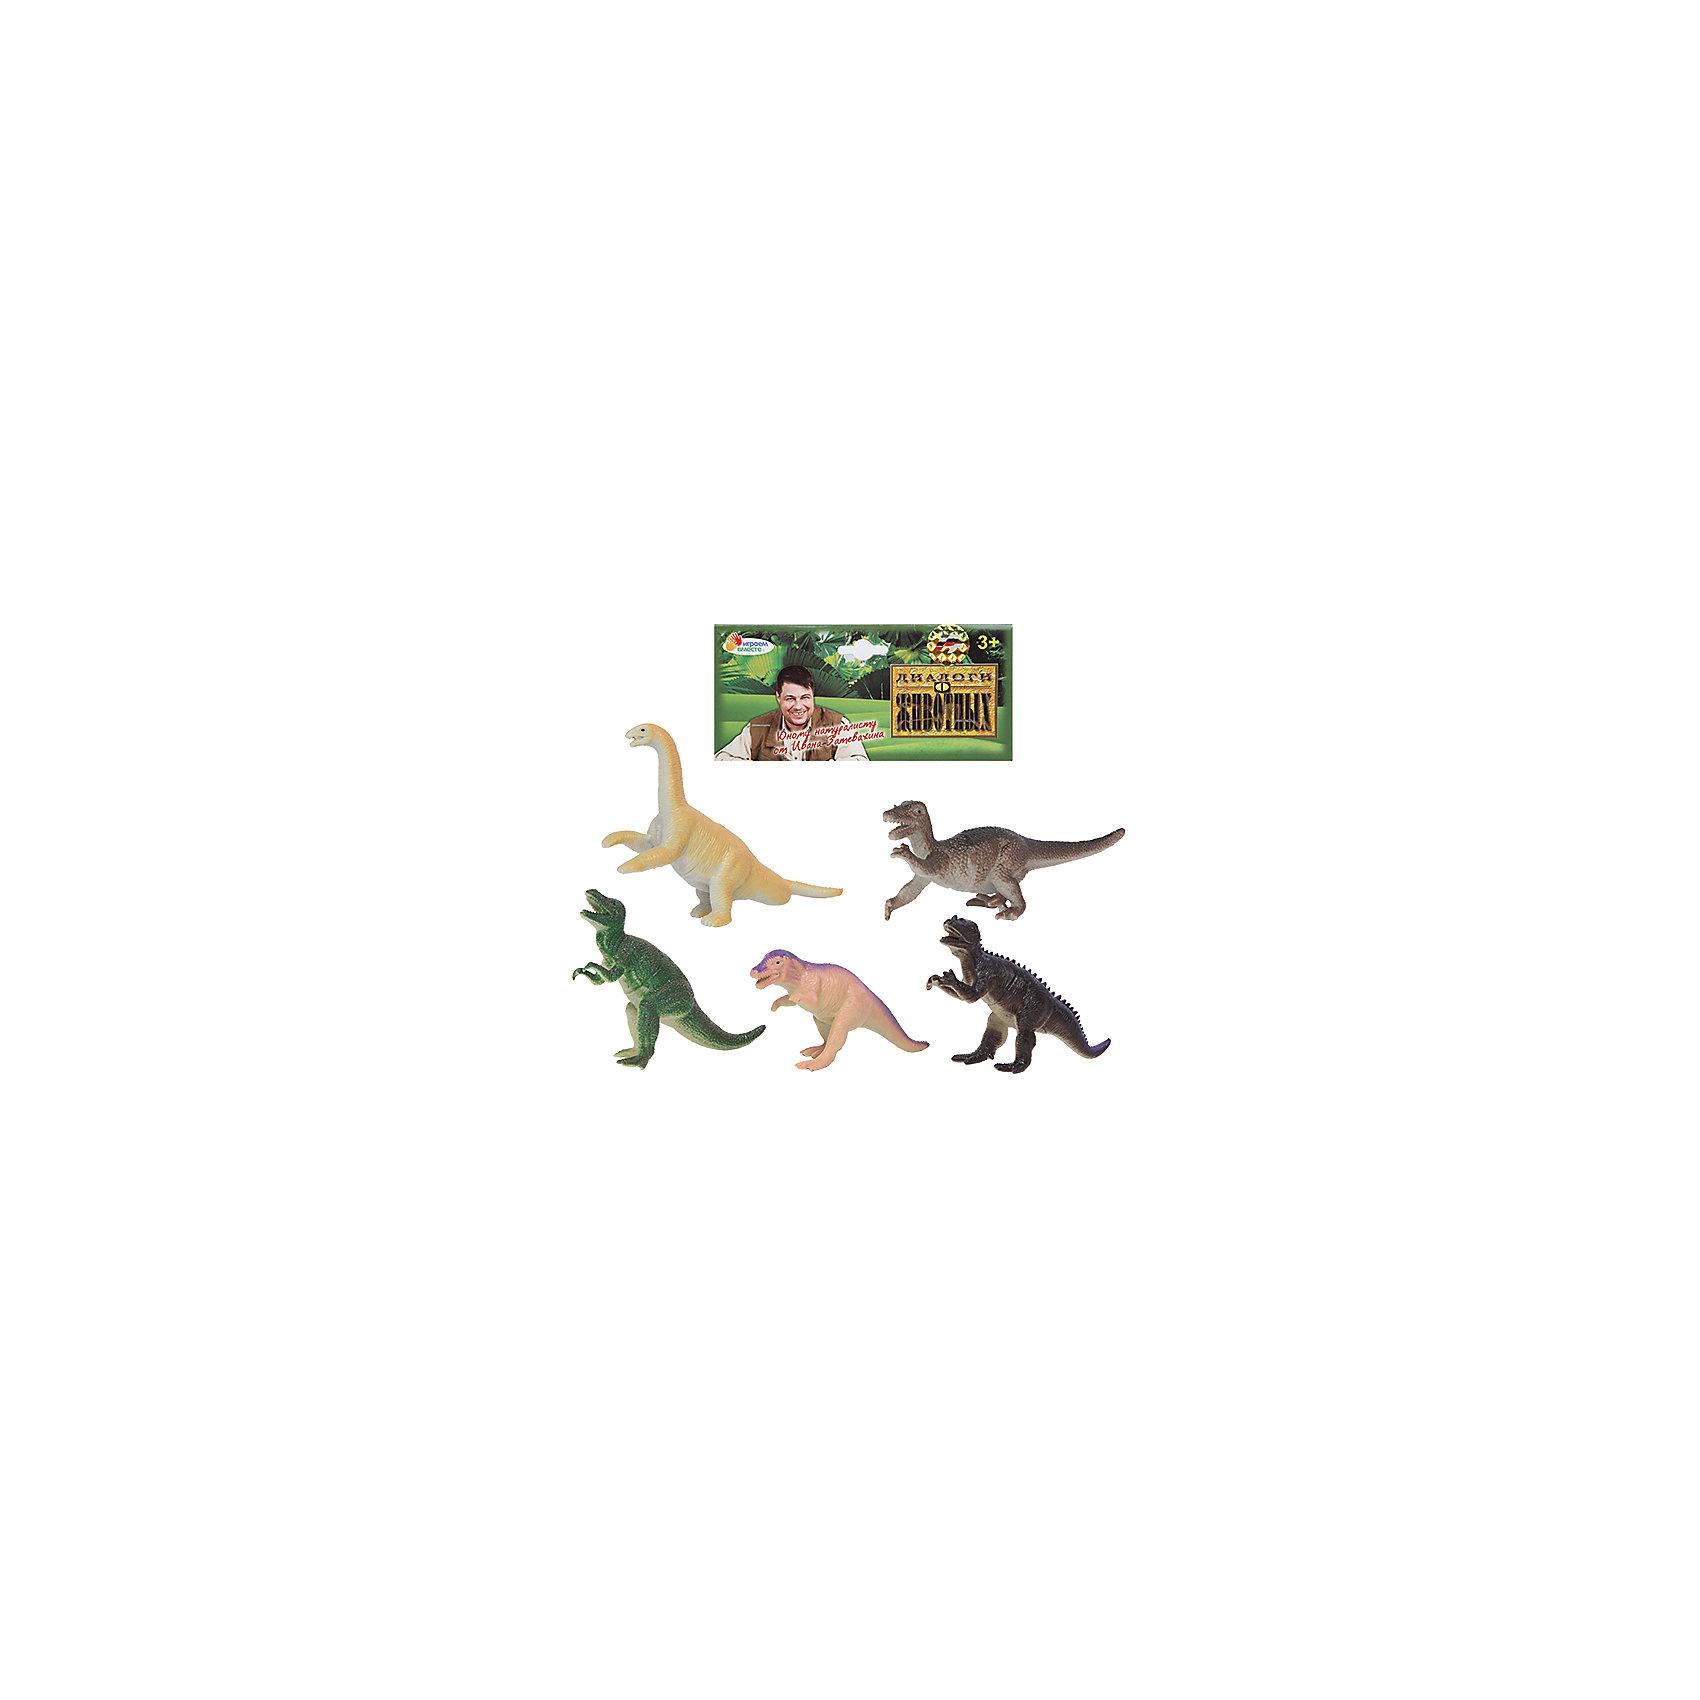 Набор из 5-и динозавров, 13см, Играем вместеДраконы и динозавры<br>Яркий набор из пяти динозавров непременно порадует юного любителя животных!<br><br>Дополнительная информация:<br><br>- Возраст: от 1 года.<br>- Размер динозавра: 13 см.<br>- Кол-во динозавров: 5 шт.<br>- Материал: пластик, силикон.<br>- Размер упаковки: 4х25х18 см.<br>- Вес в упаковке: 190 г.<br><br>Купить набор из пяти динозавров Играем вместе можно в нашем магазине.<br><br>Ширина мм: 40<br>Глубина мм: 250<br>Высота мм: 180<br>Вес г: 190<br>Возраст от месяцев: 12<br>Возраст до месяцев: 48<br>Пол: Унисекс<br>Возраст: Детский<br>SKU: 4891771